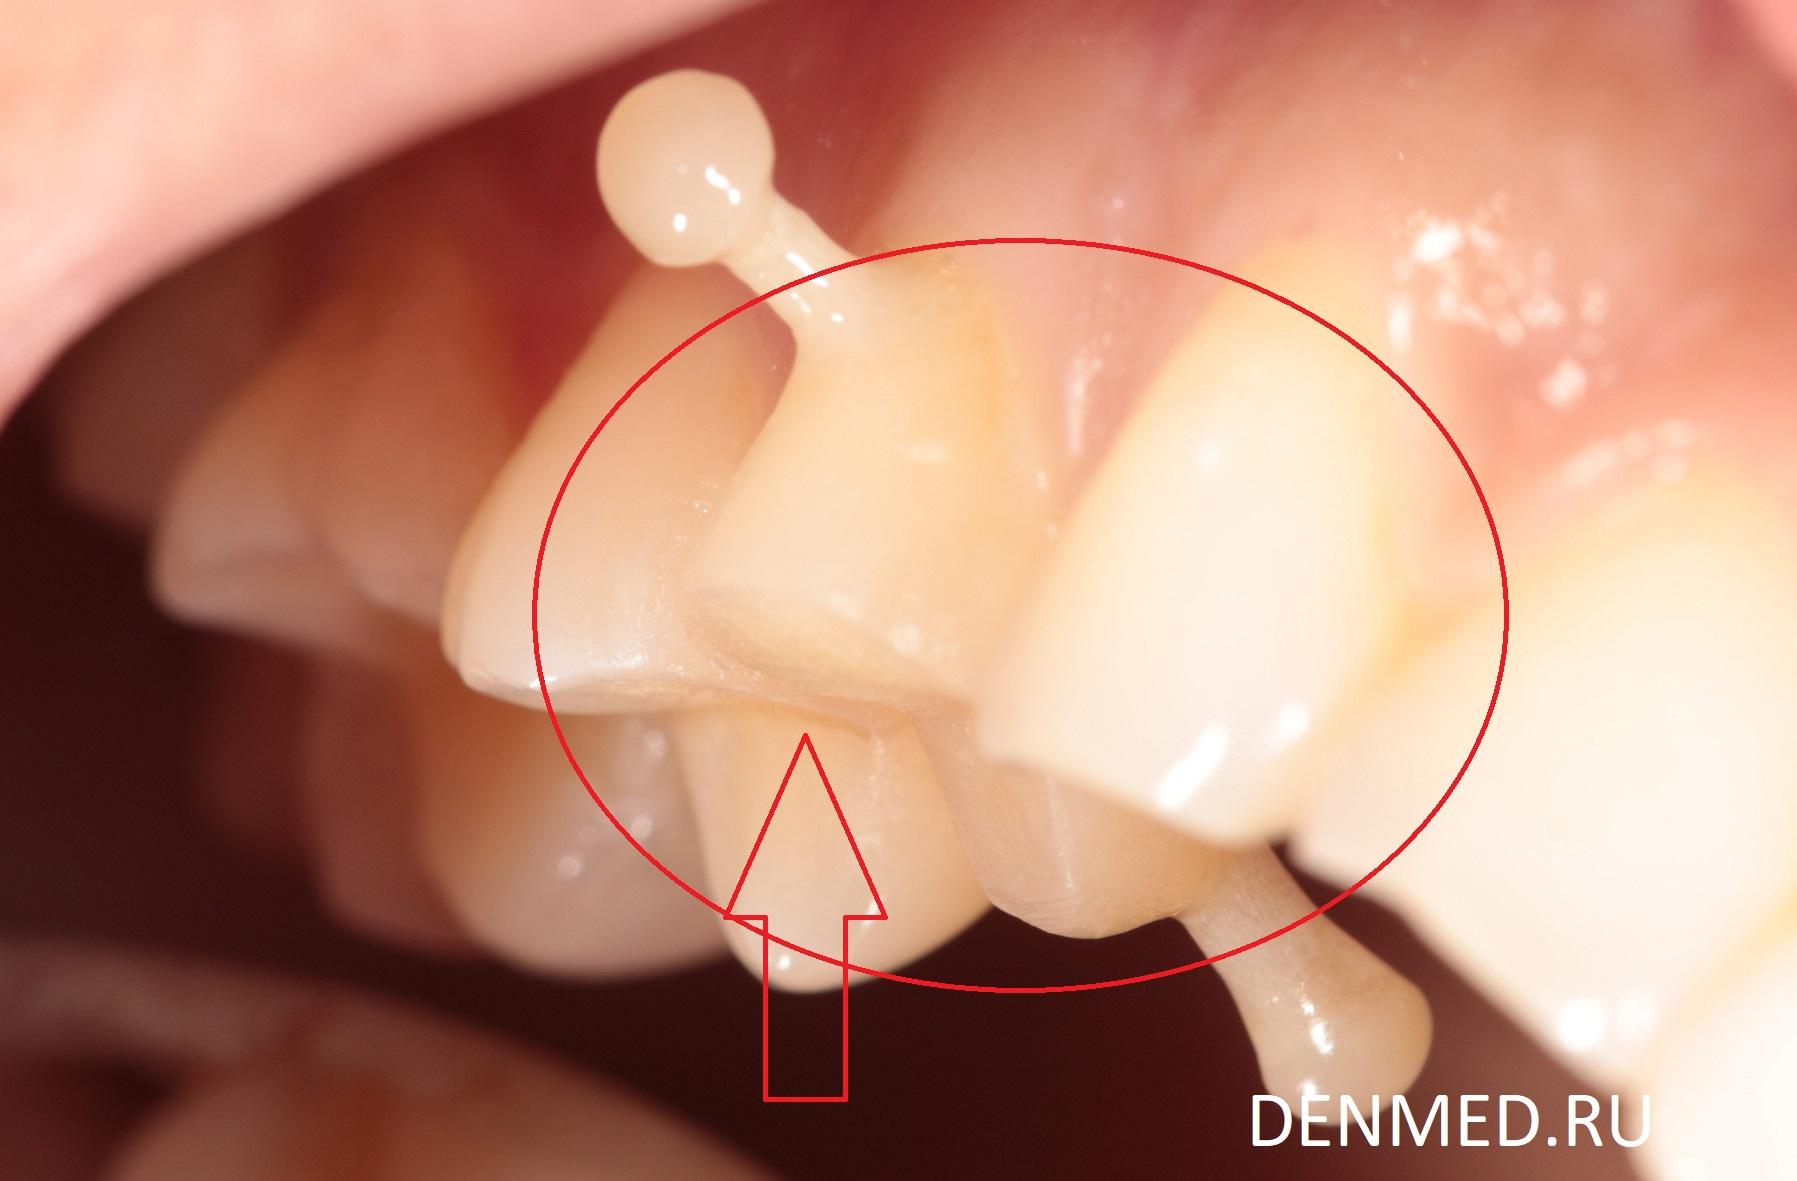 Этапы перемещения зуба, в промежуточных визитах в клинику ДенМед